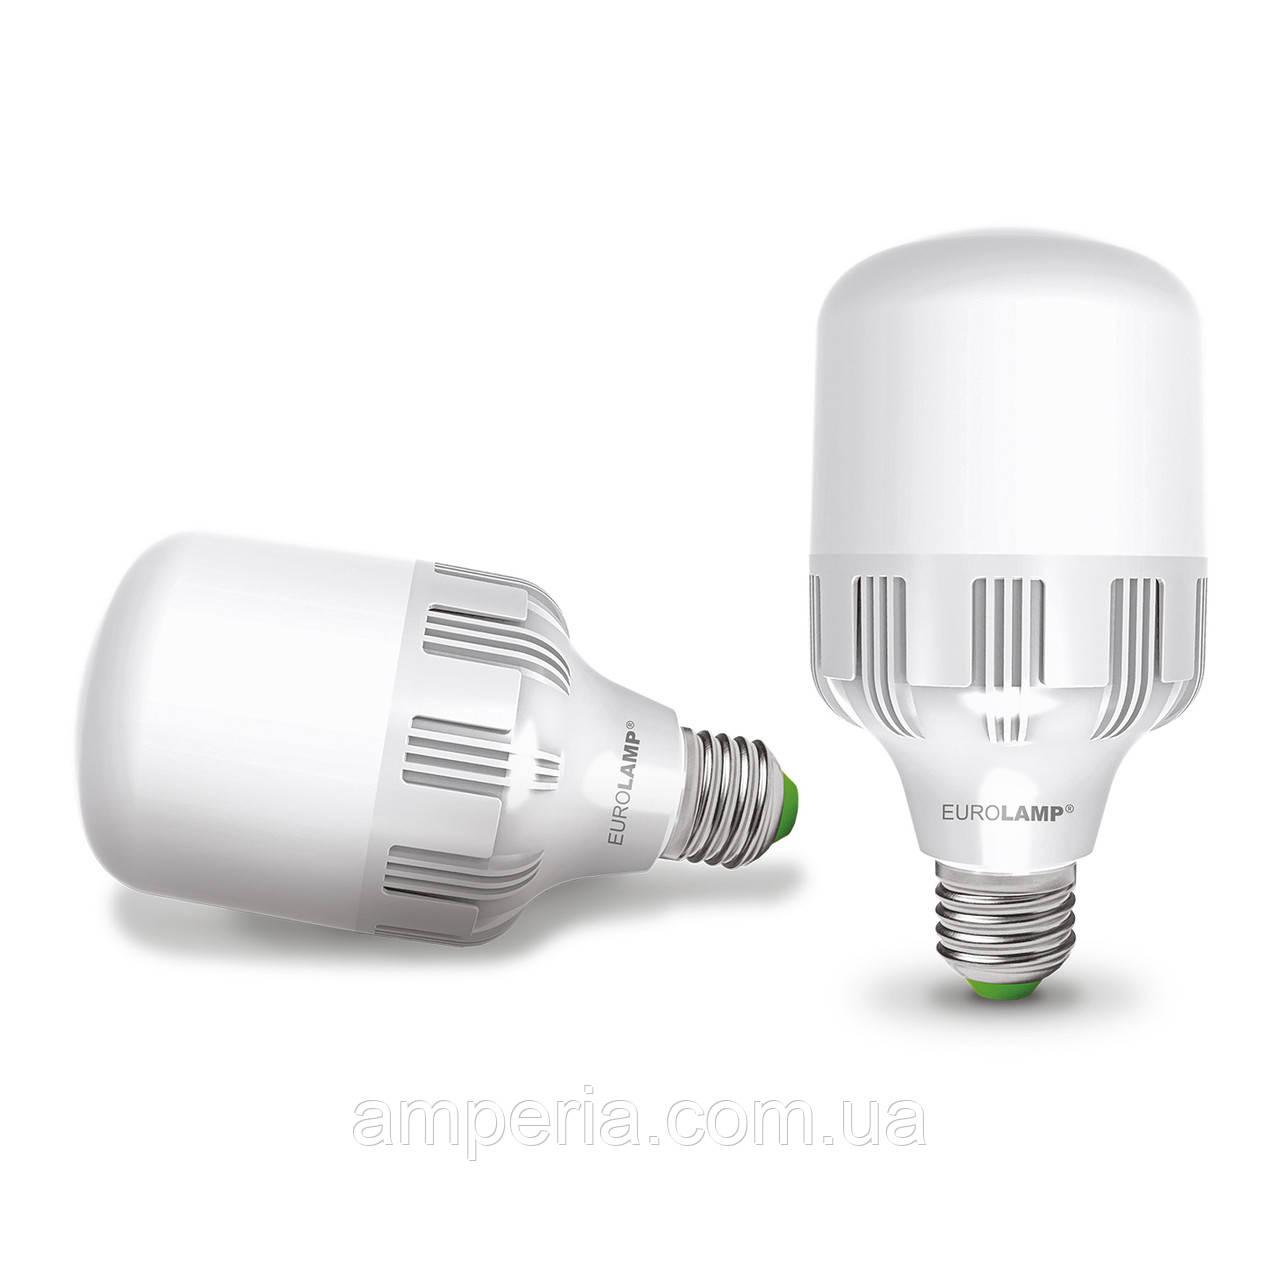 EUROLAMP LED Лампа высокомощная 30W E27 6500K (LED-HP-30276)